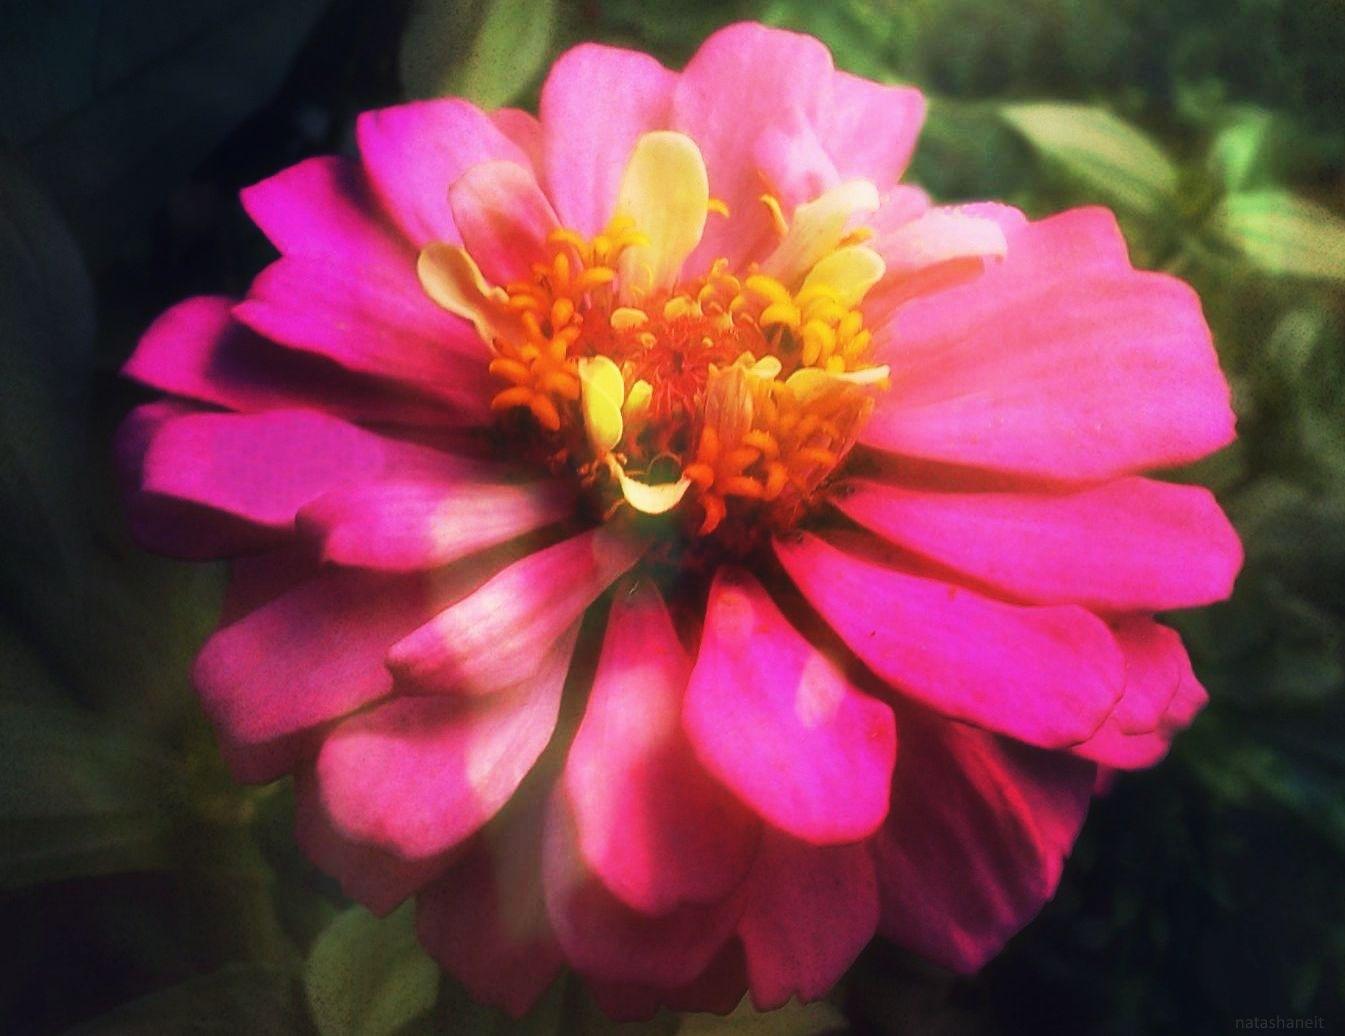 Pink dreams by natashaneit